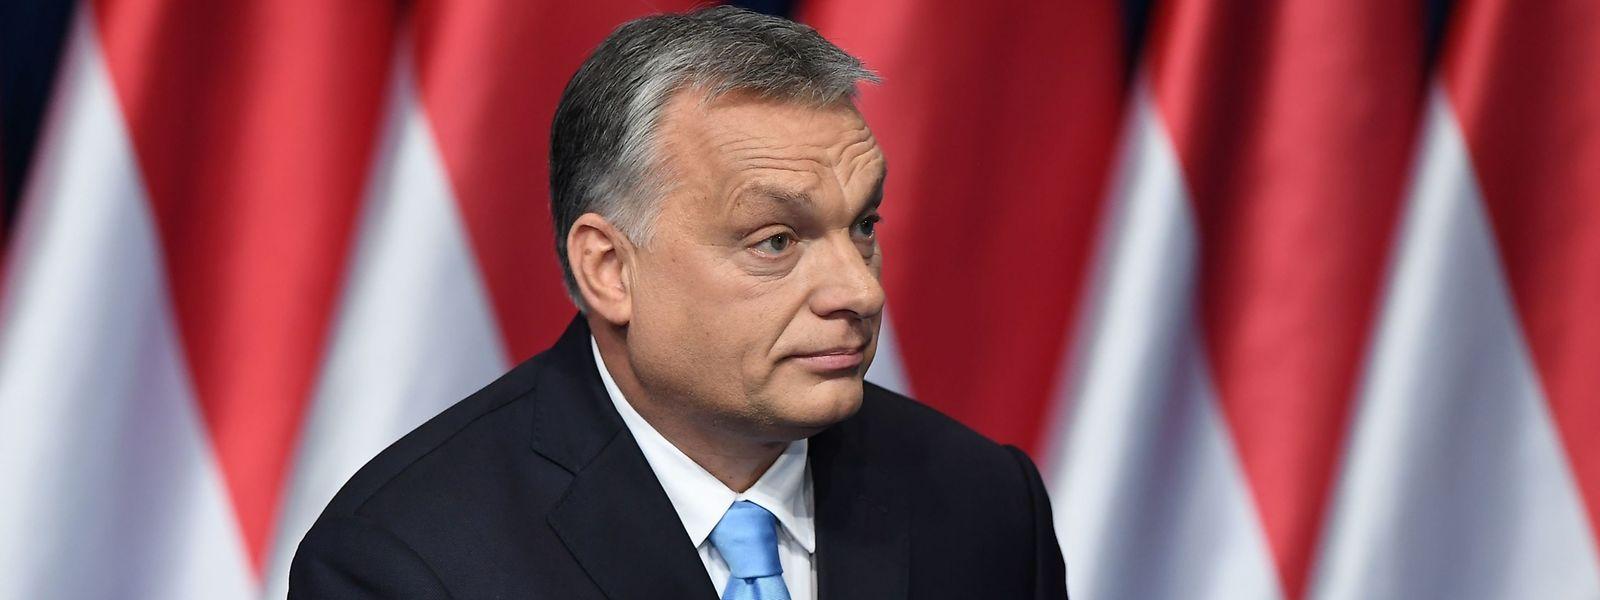 Die ungarische Regierungspartei von Ministerpräsident Viktor Orban ist bis auf weiteres nicht Teil der konservativen Parteienfamilie.